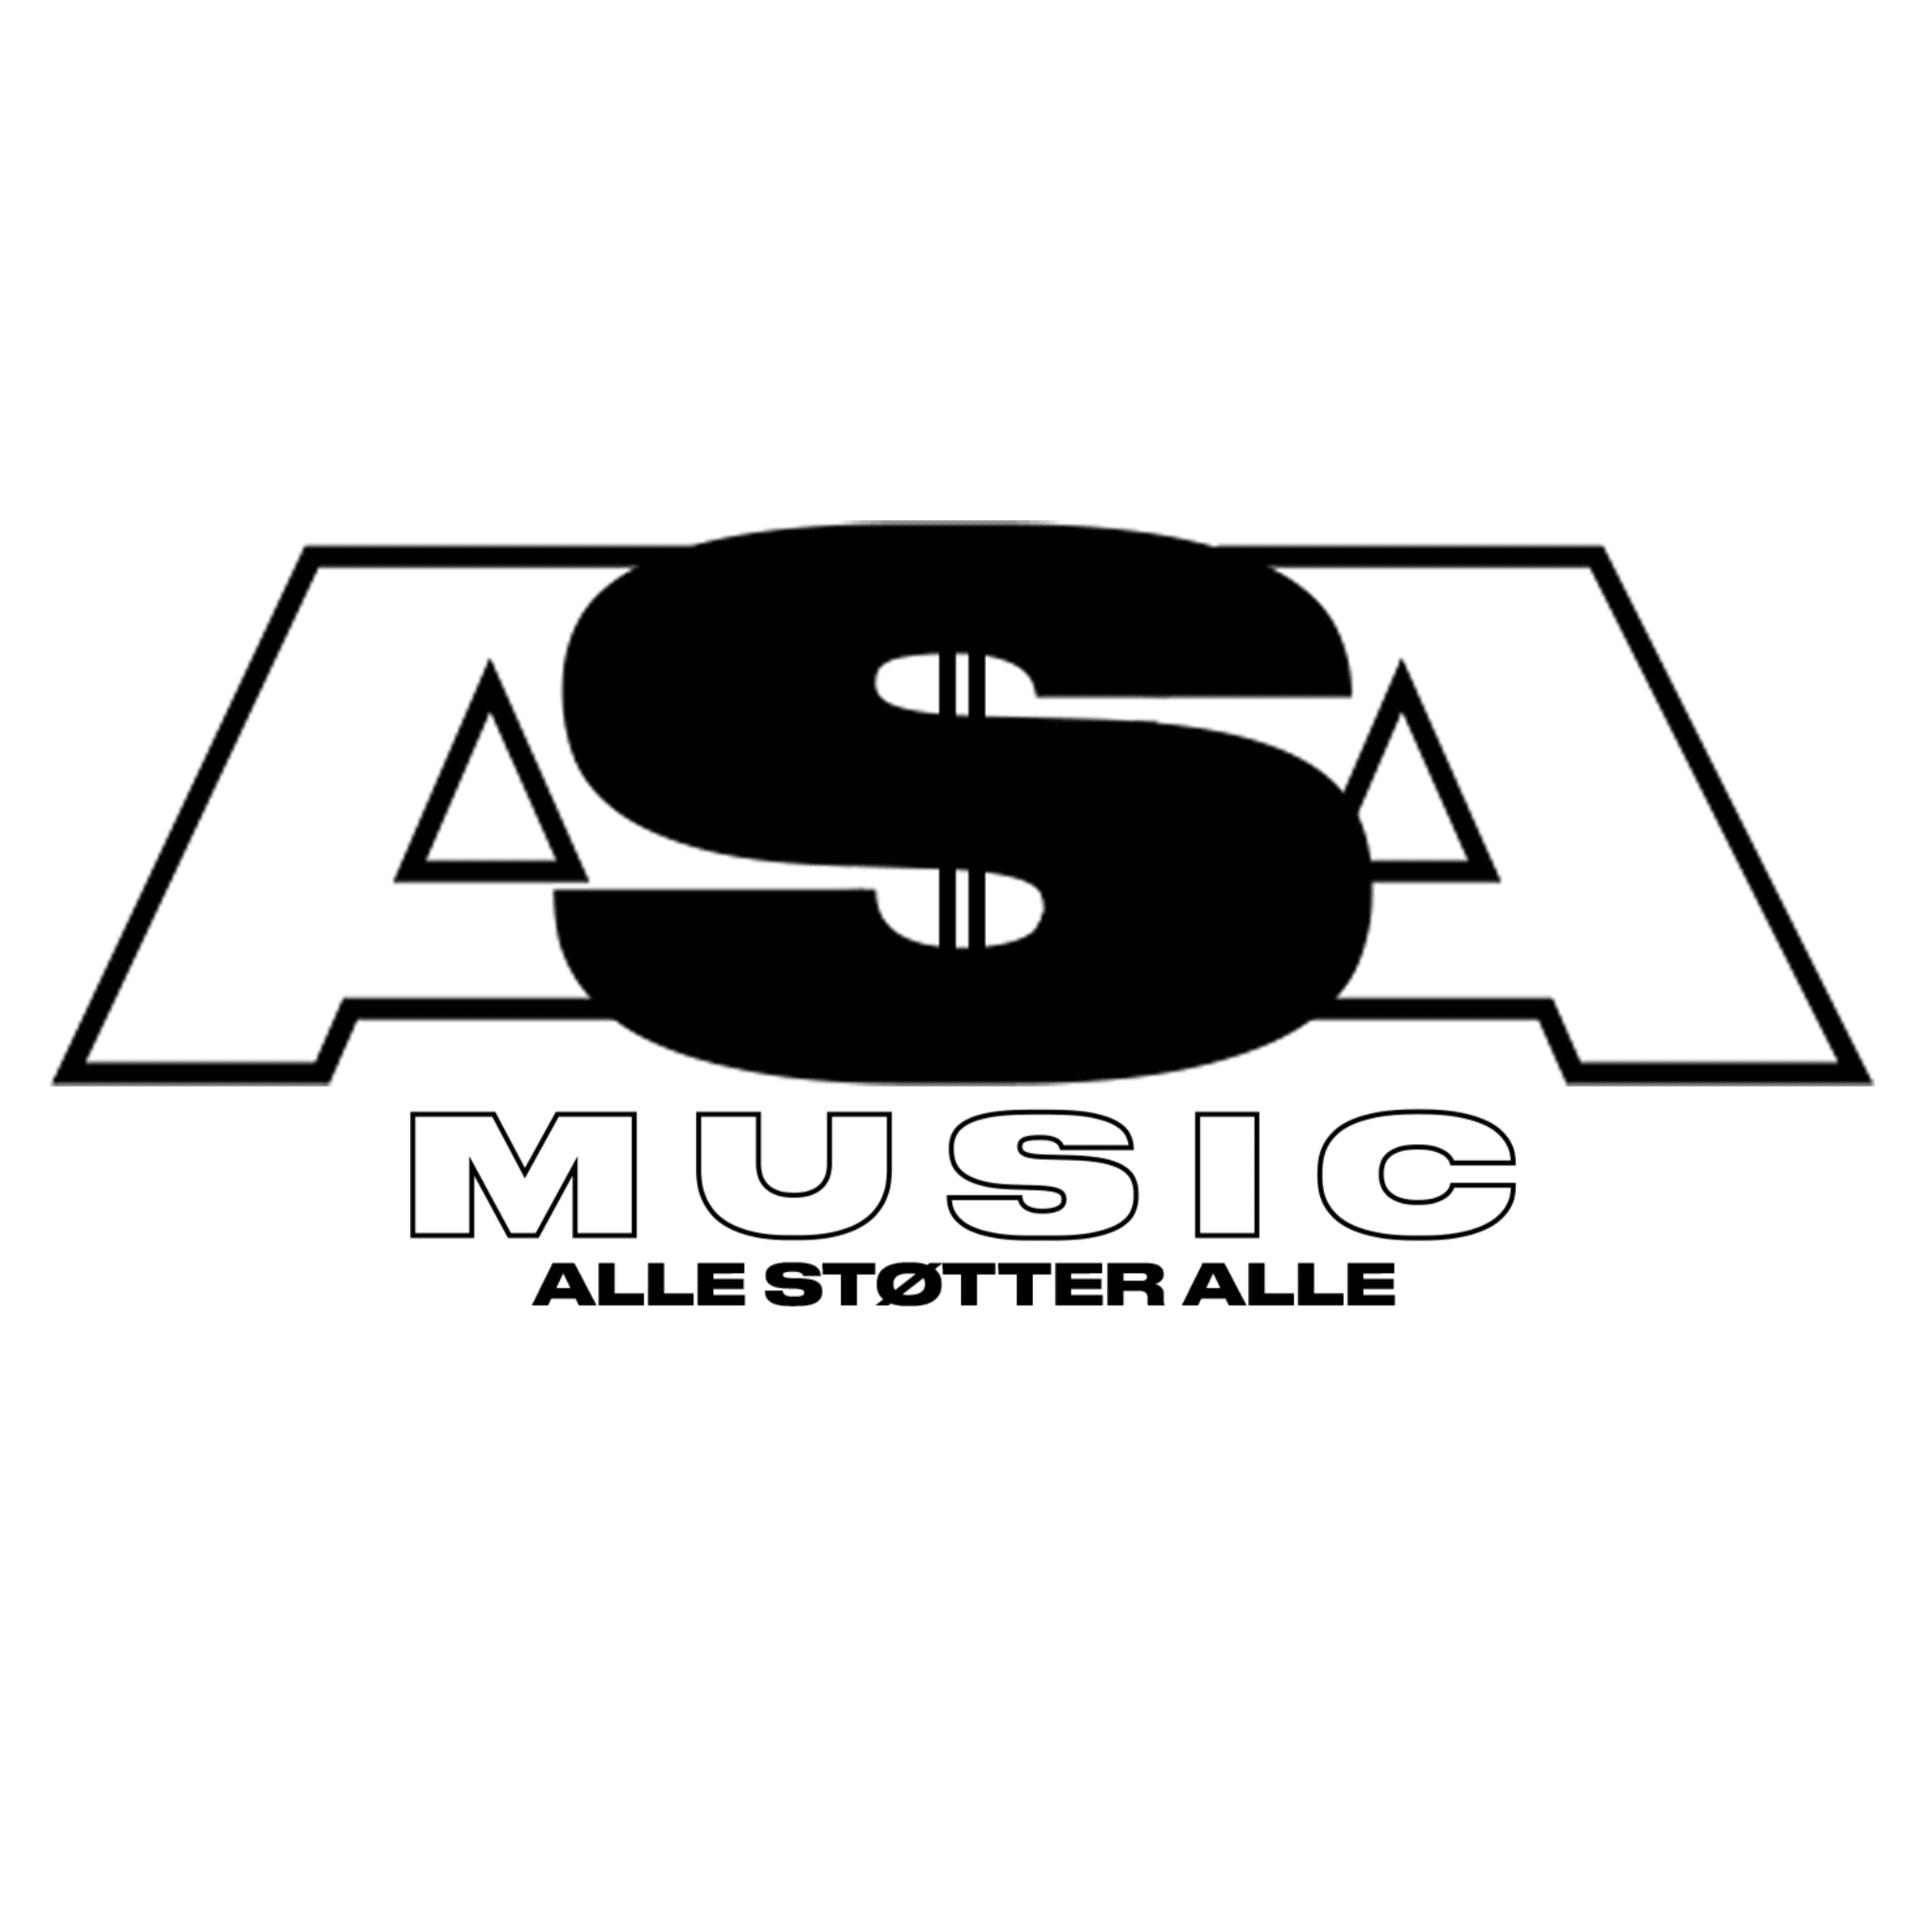 ASA Music